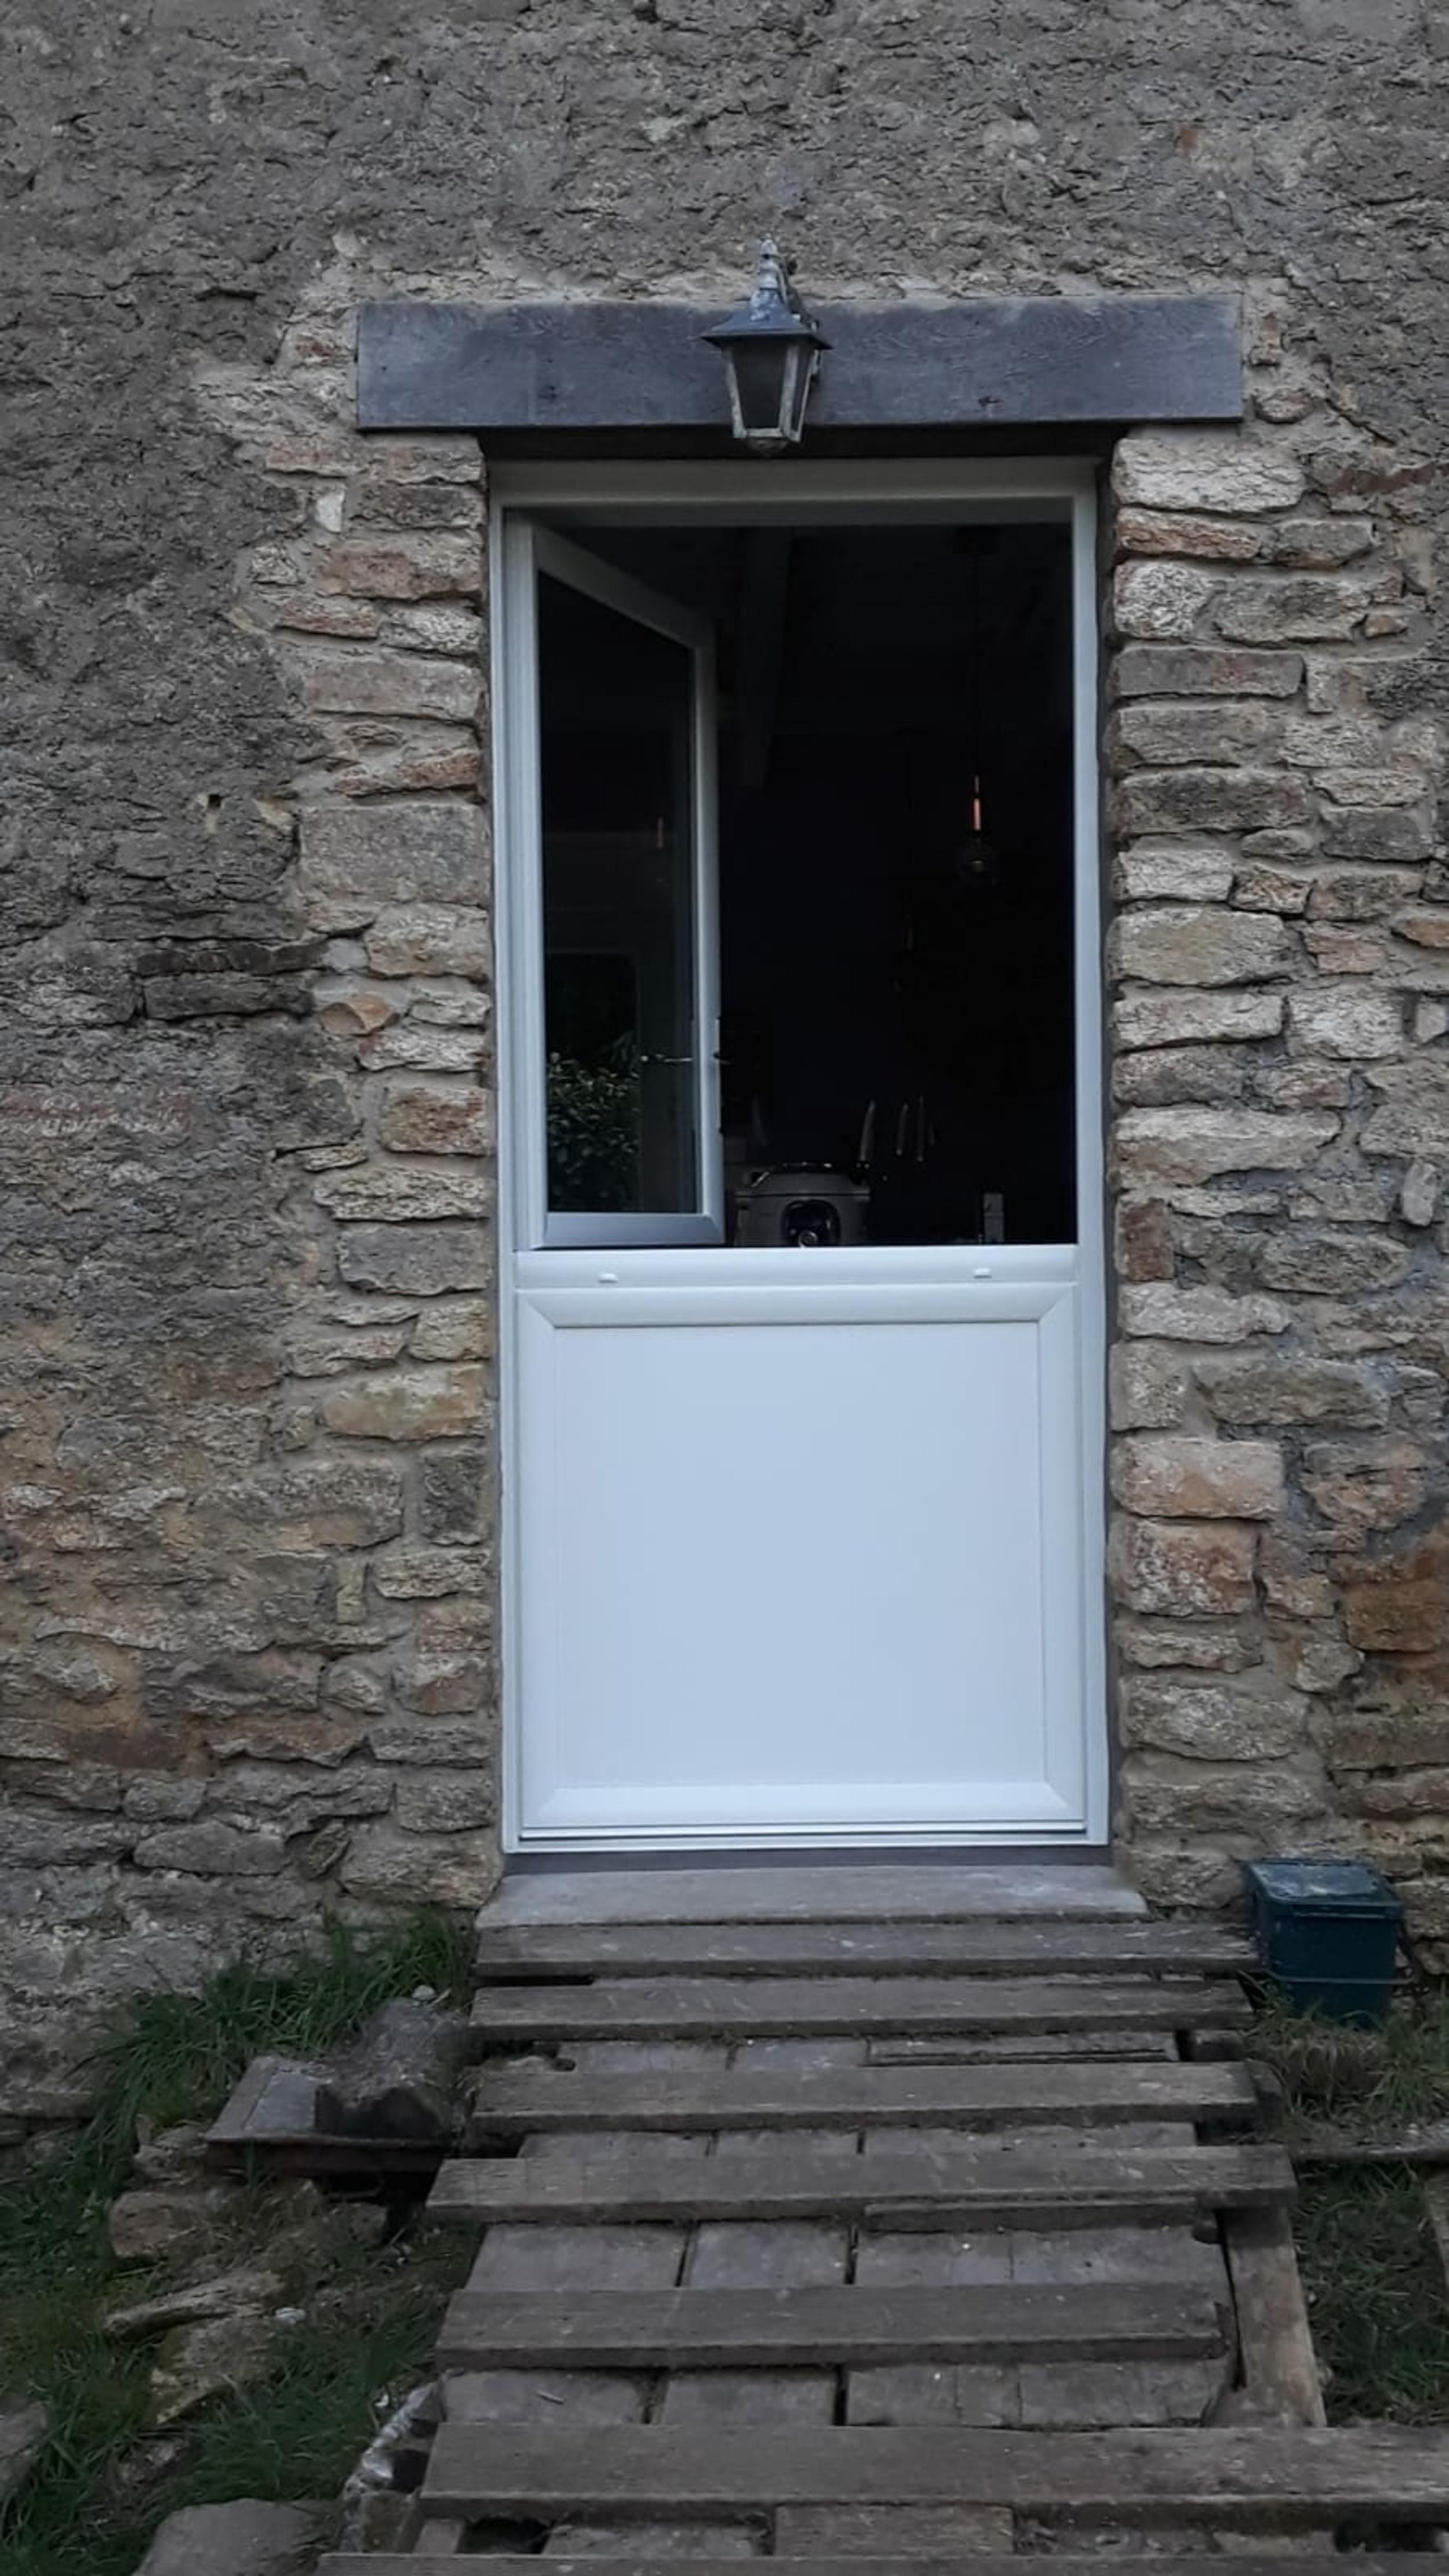 Porte d''entrée PVC type fermière sur maison pierre- Lorient